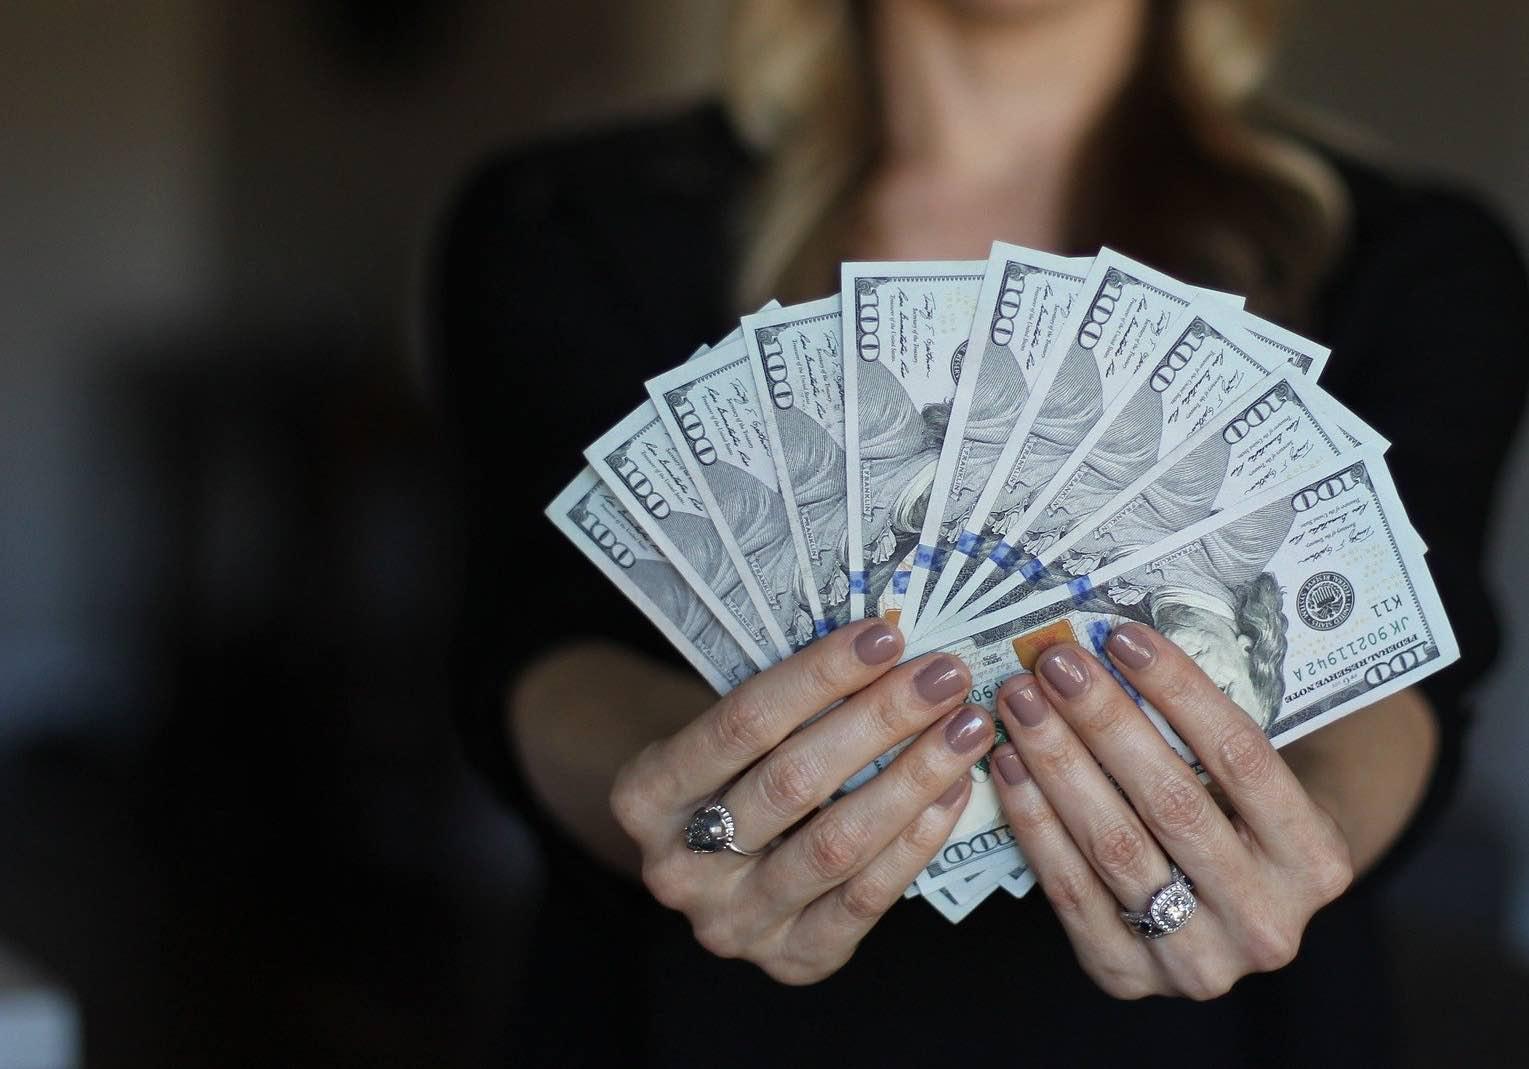 Woman holding one-hundred dollar bills, money for earnest money.